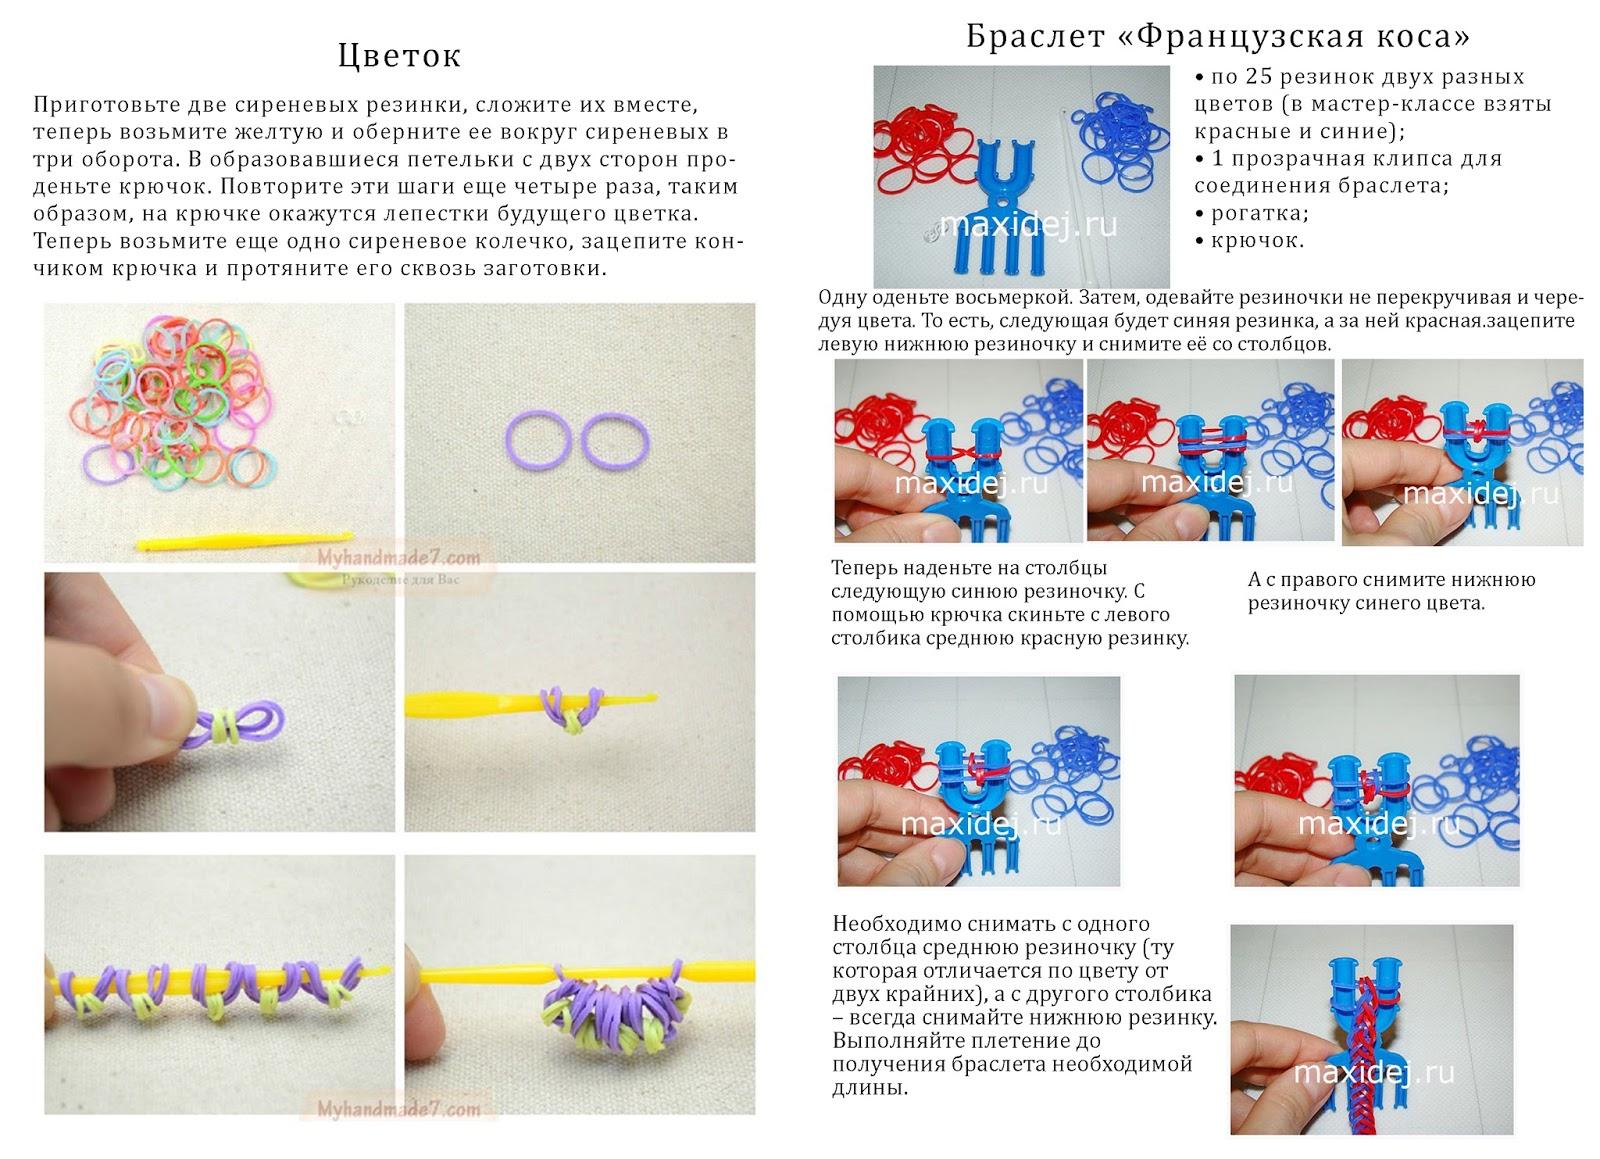 Как плести браслеты из резинок на рогатке - инструкции и схемы 52